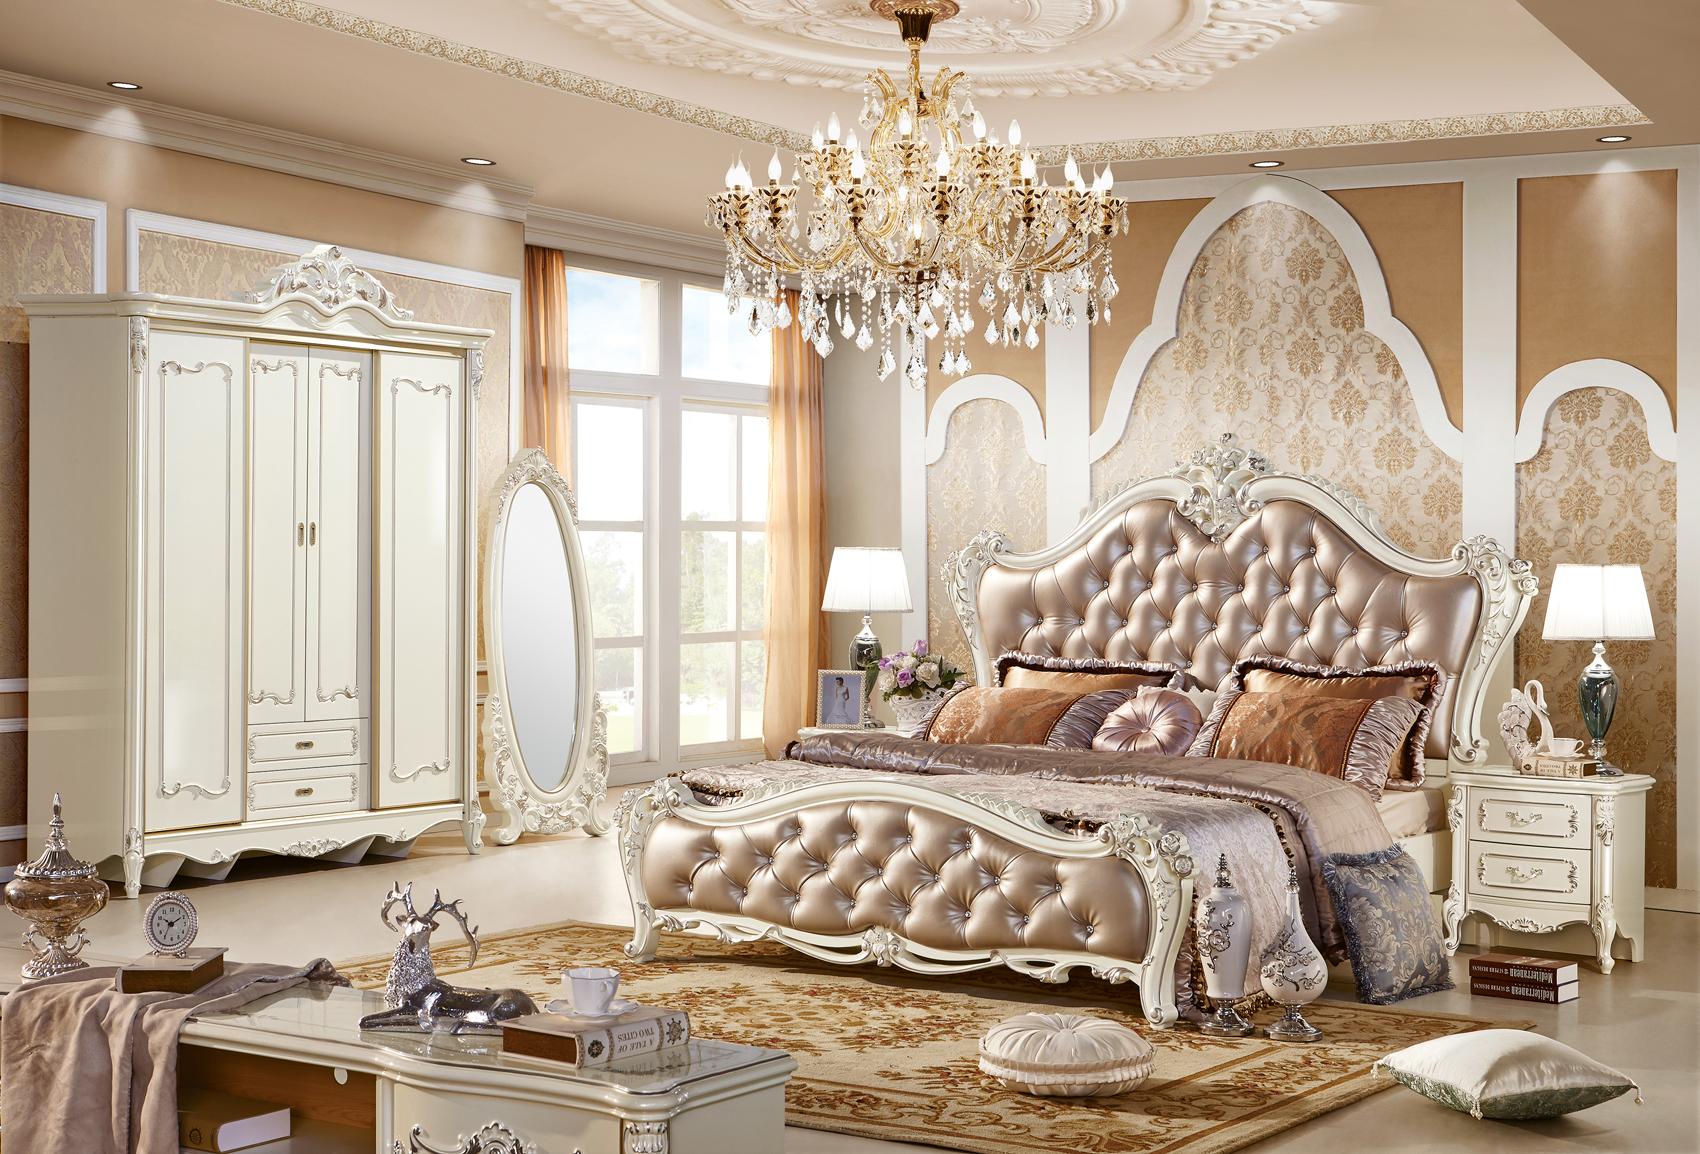 Tủ áo 4 cánh thẳng Tân cổ điển màu trắng ngọc trai TU8806H phong cách Hoàng Gia